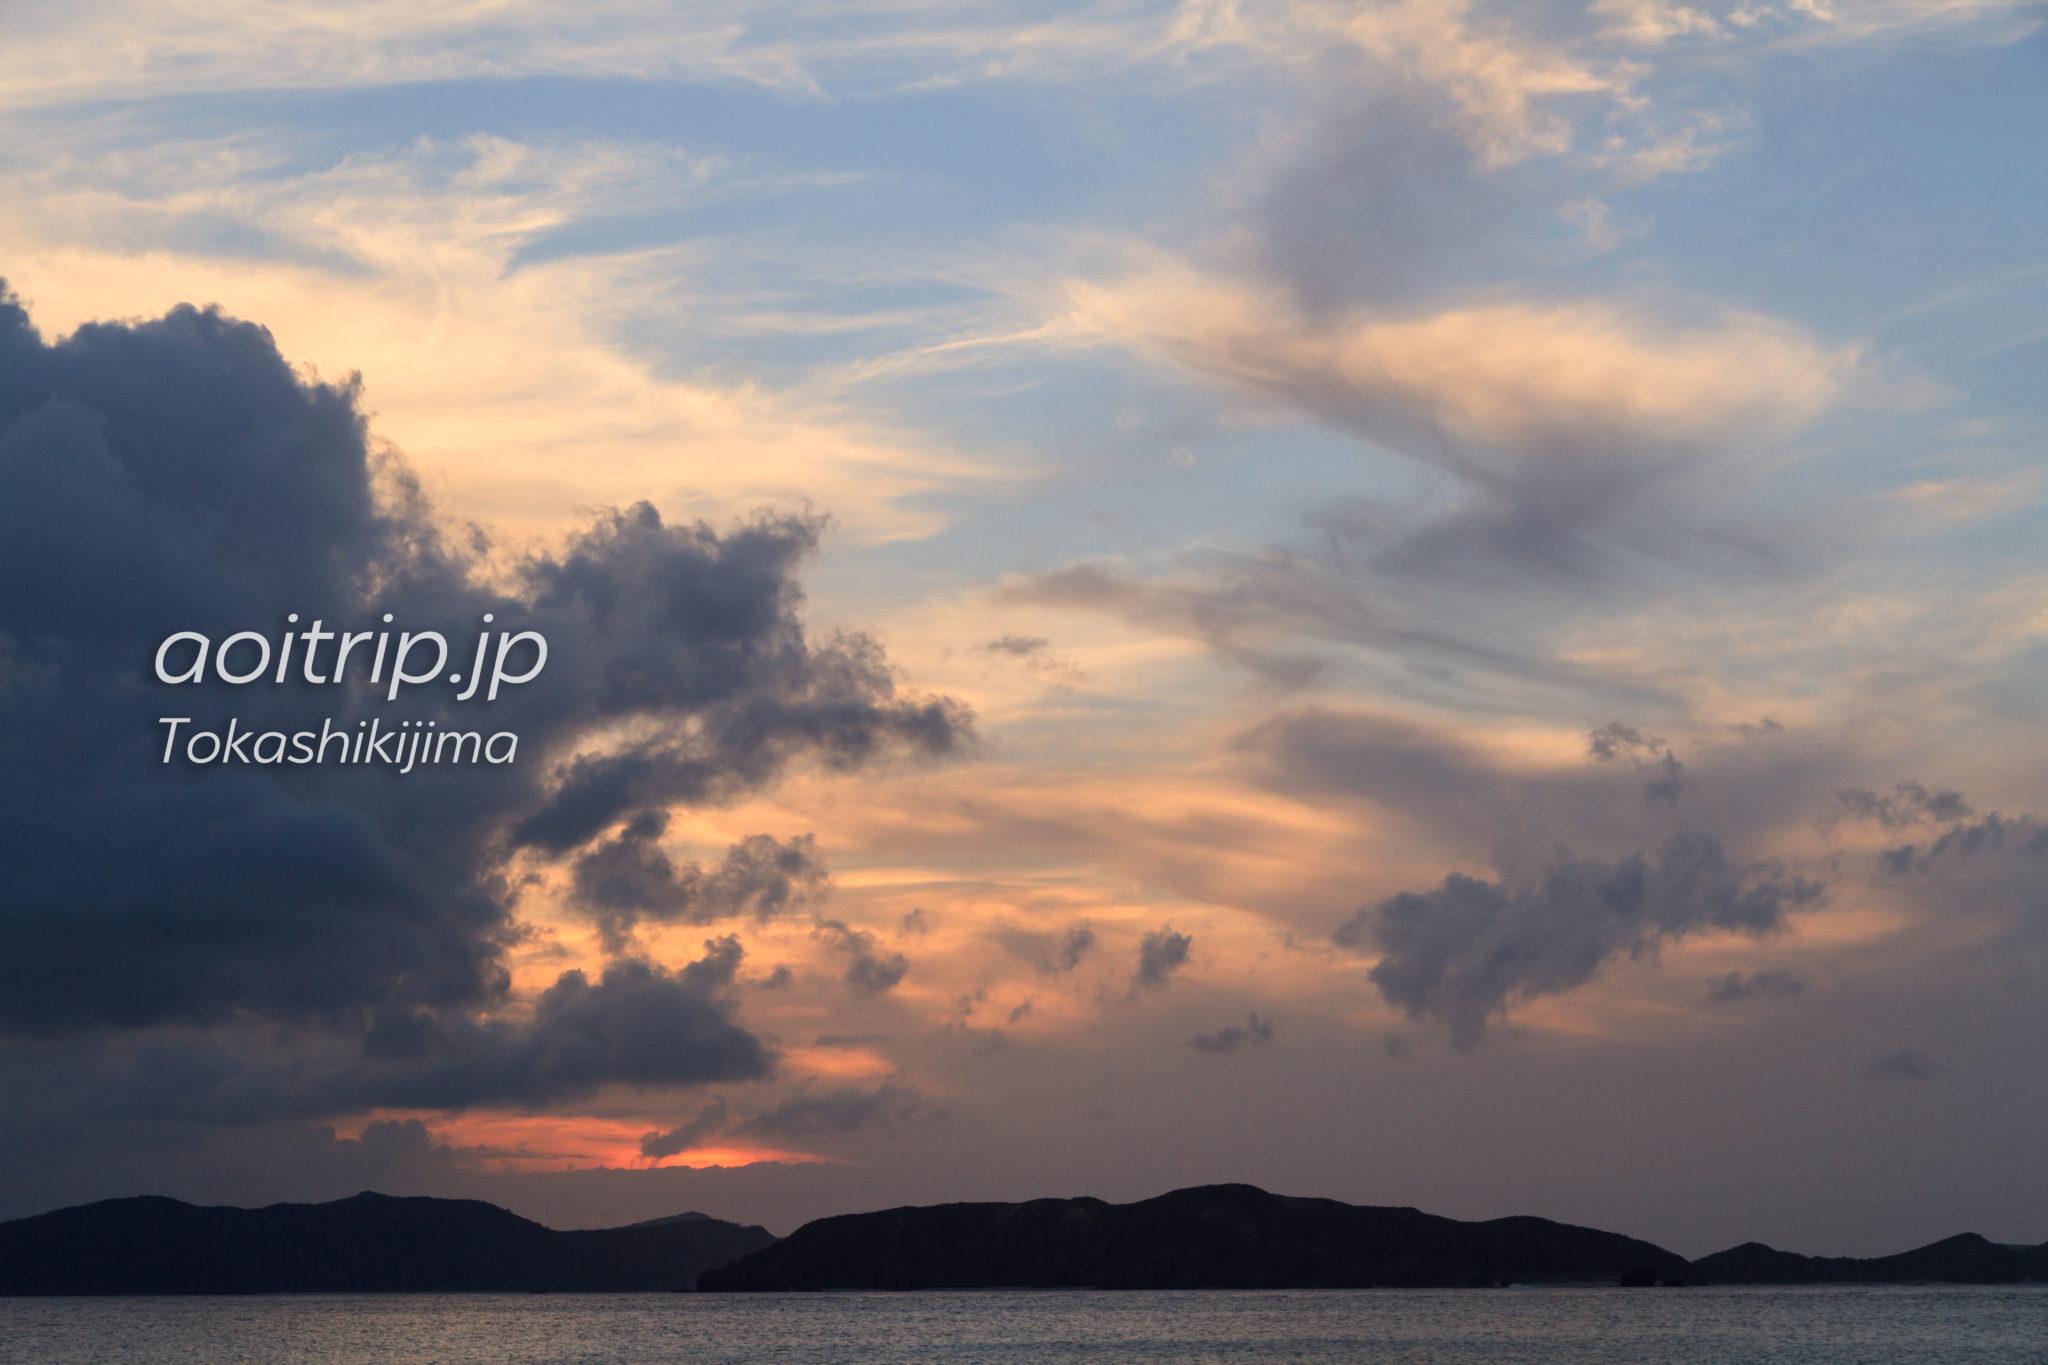 とかしくビーチの夕焼け空